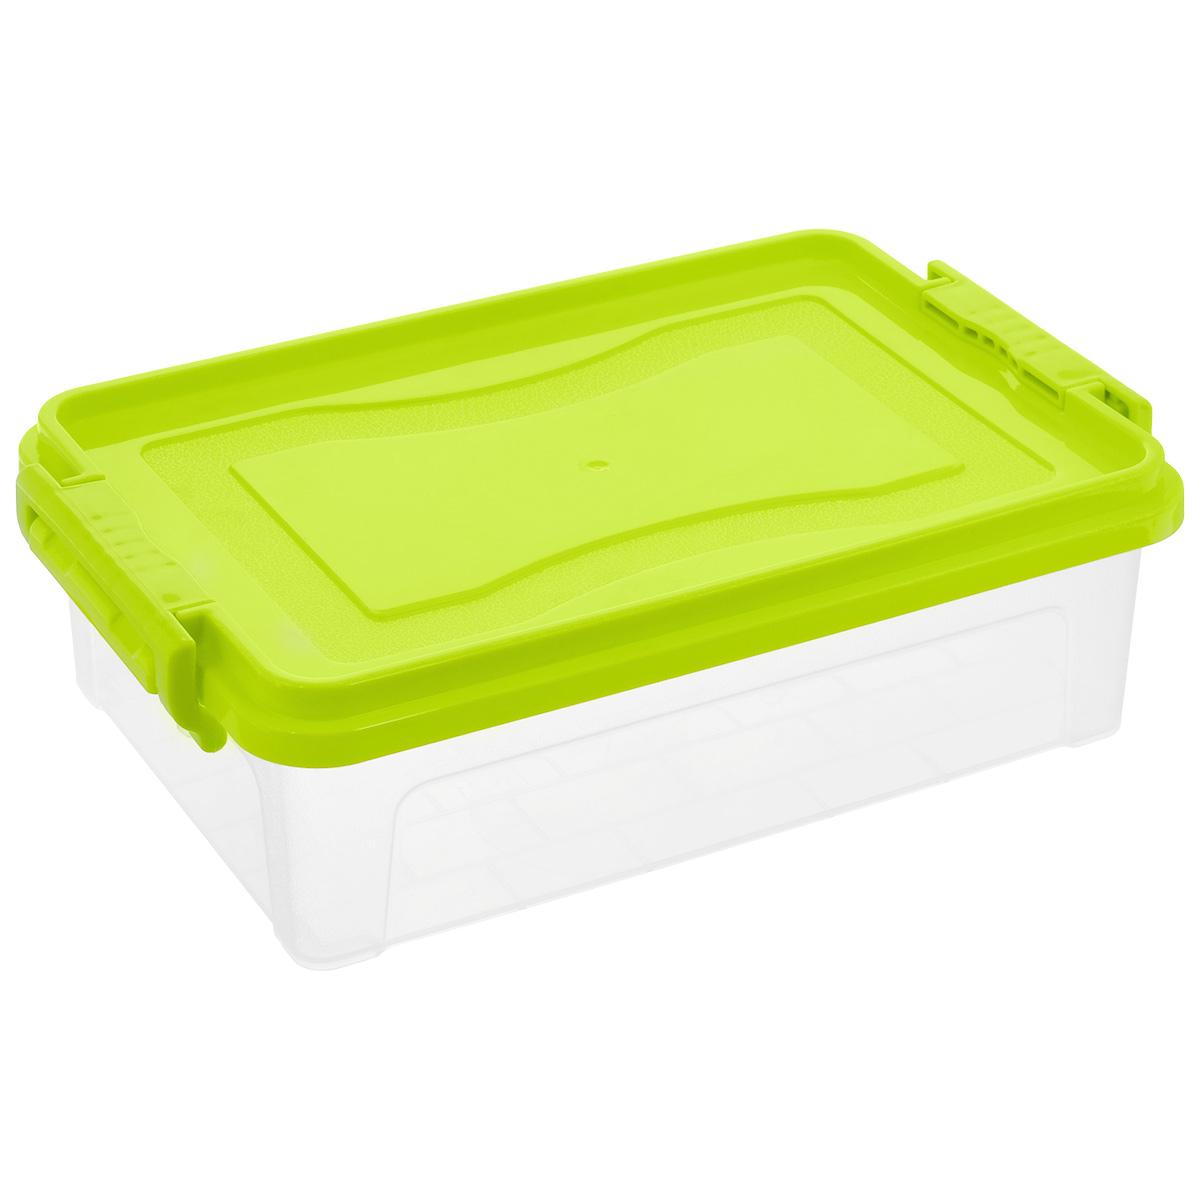 Контейнер для хранения Idea, прямоугольный, цвет: прозрачный, салатовый, 3,6 л